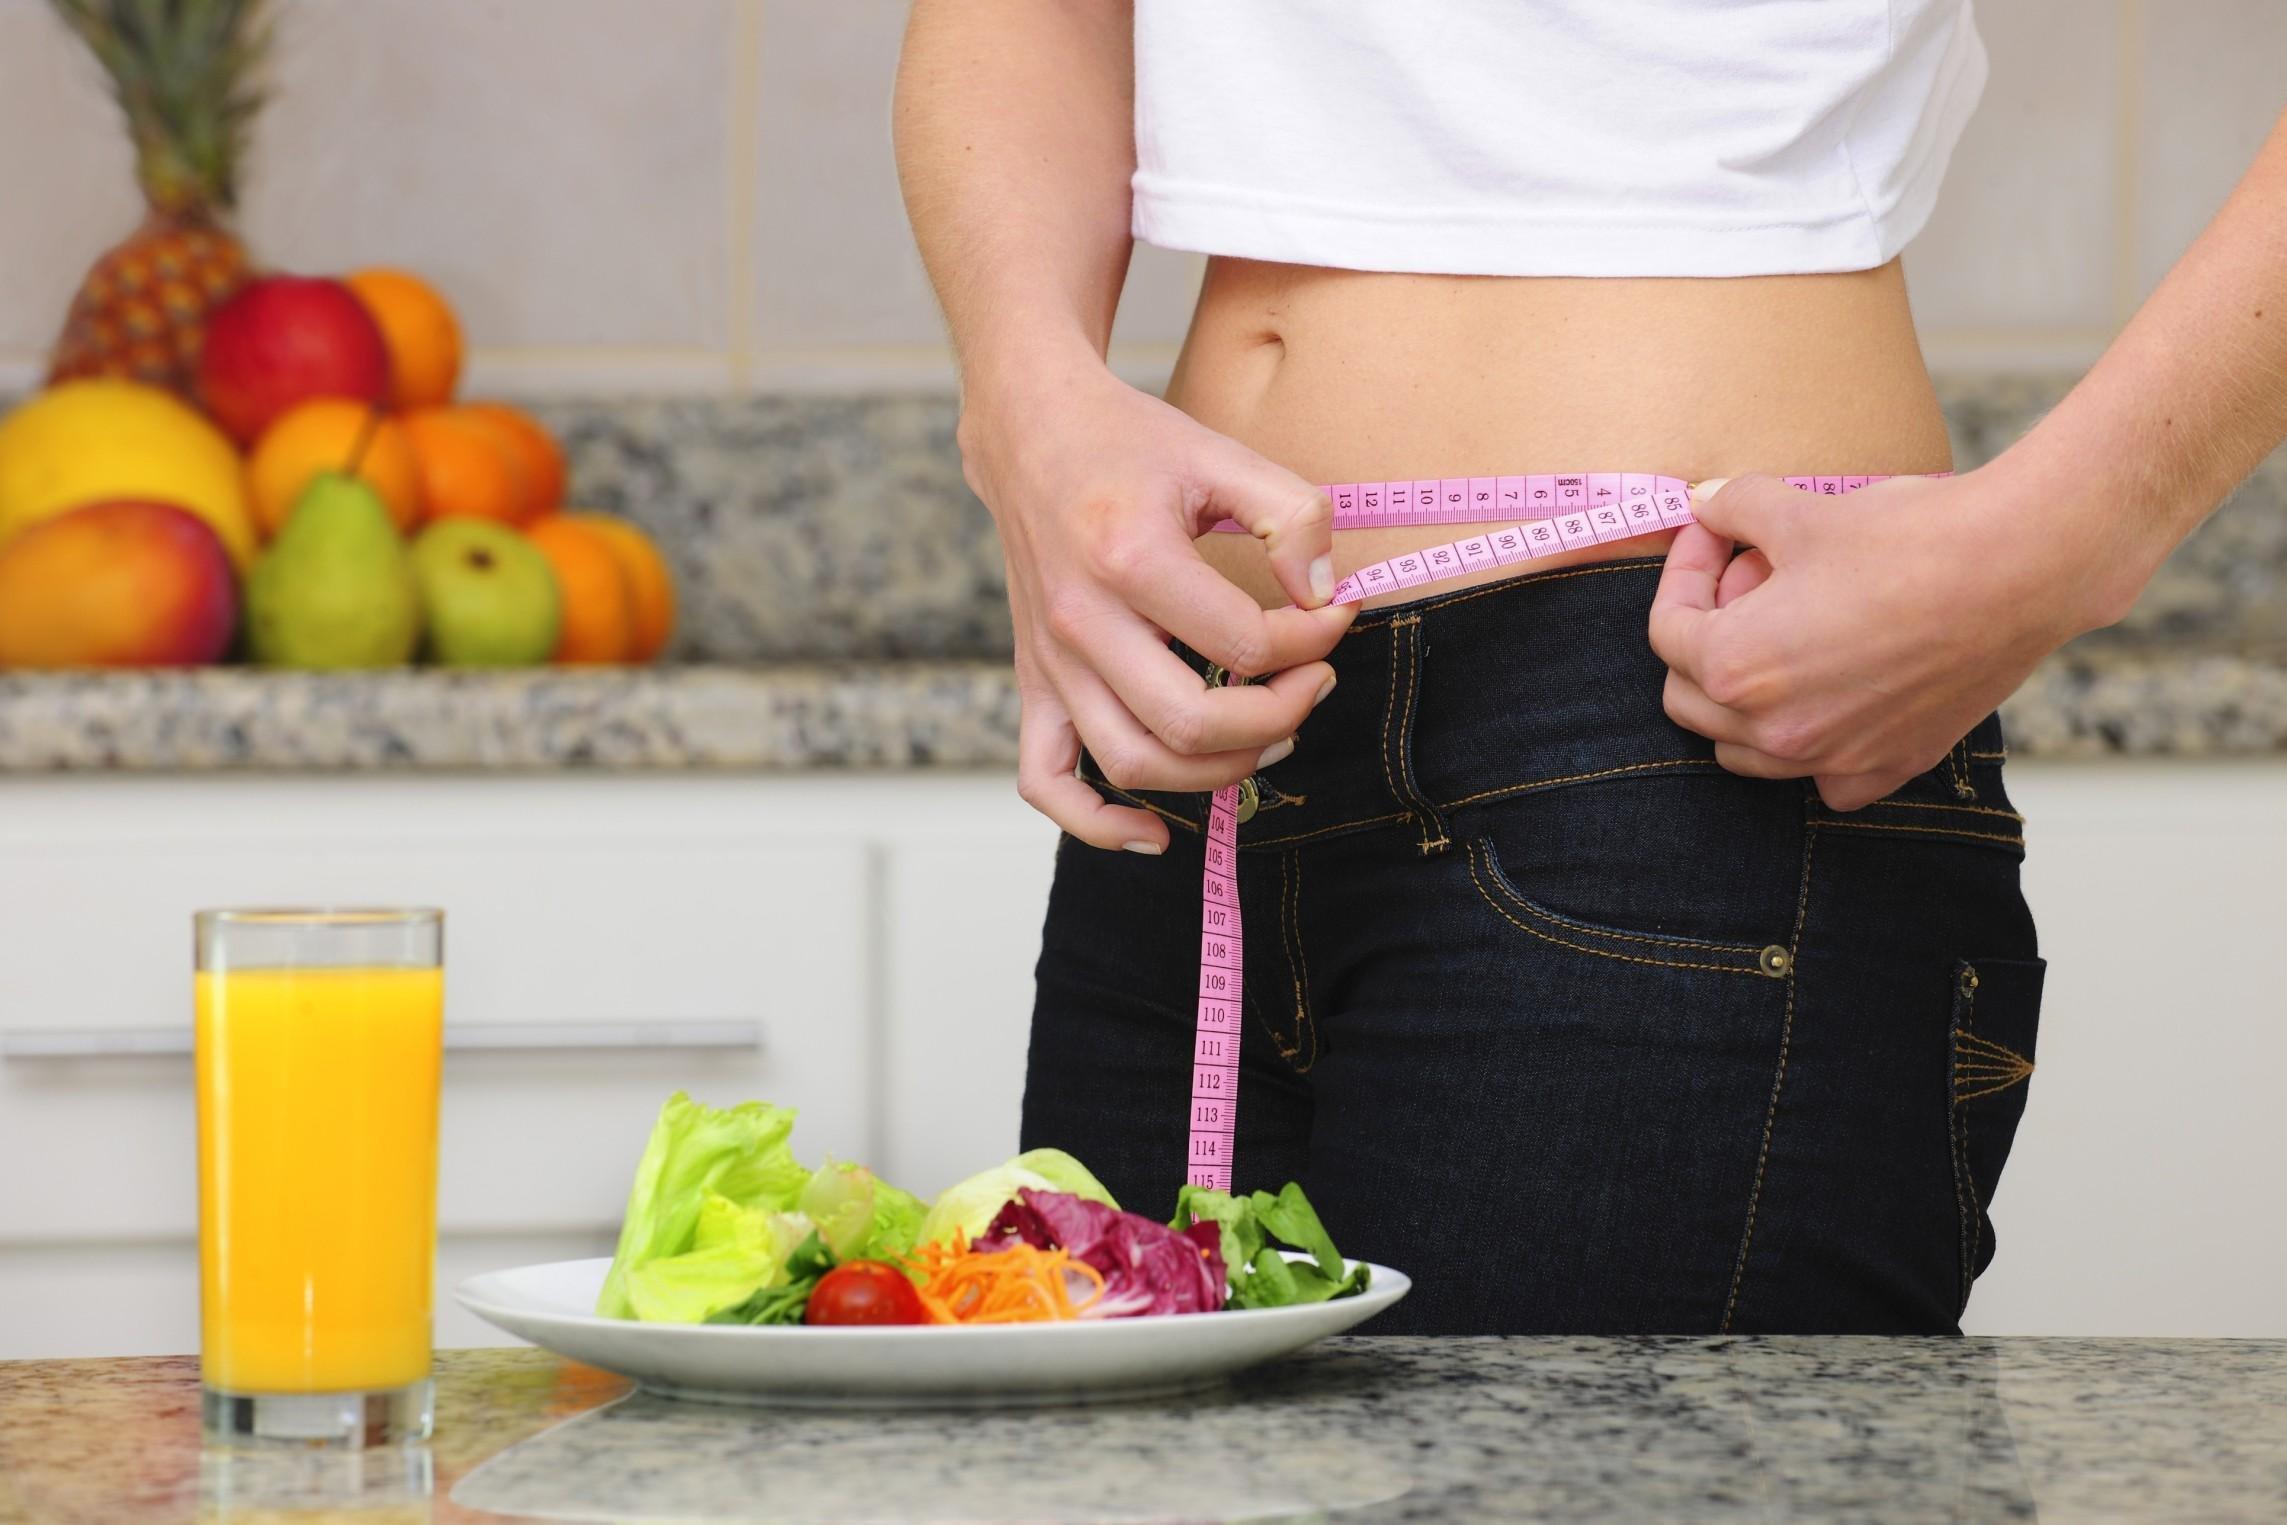 Какой Эффективный Способ Похудеть. Реально эффективные способы похудения для женщин в домашних условиях